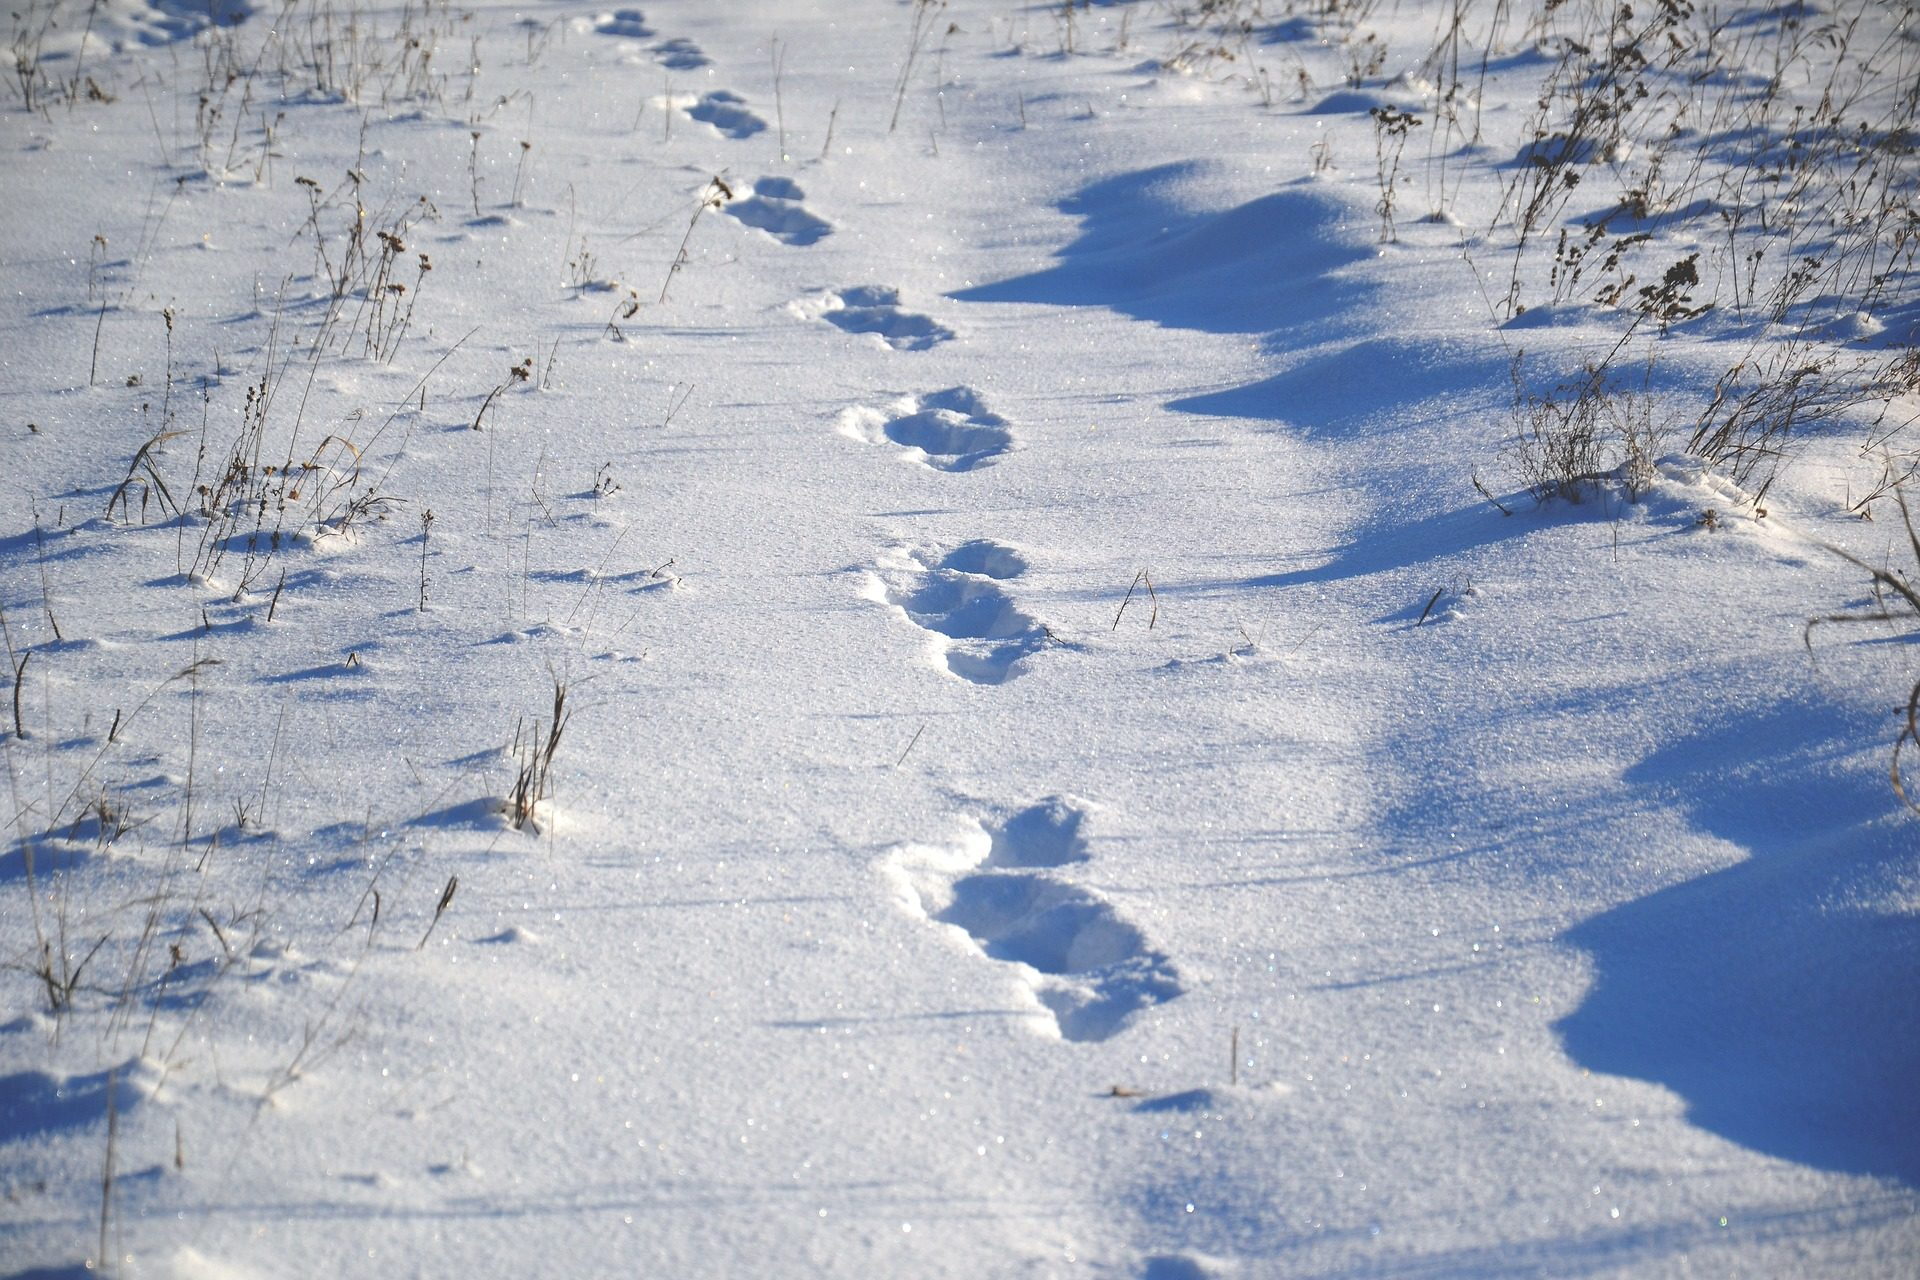 雪, 线索, 道路, 脚步声, 内华达州, 冬天 - 高清壁纸 - 教授-falken.com